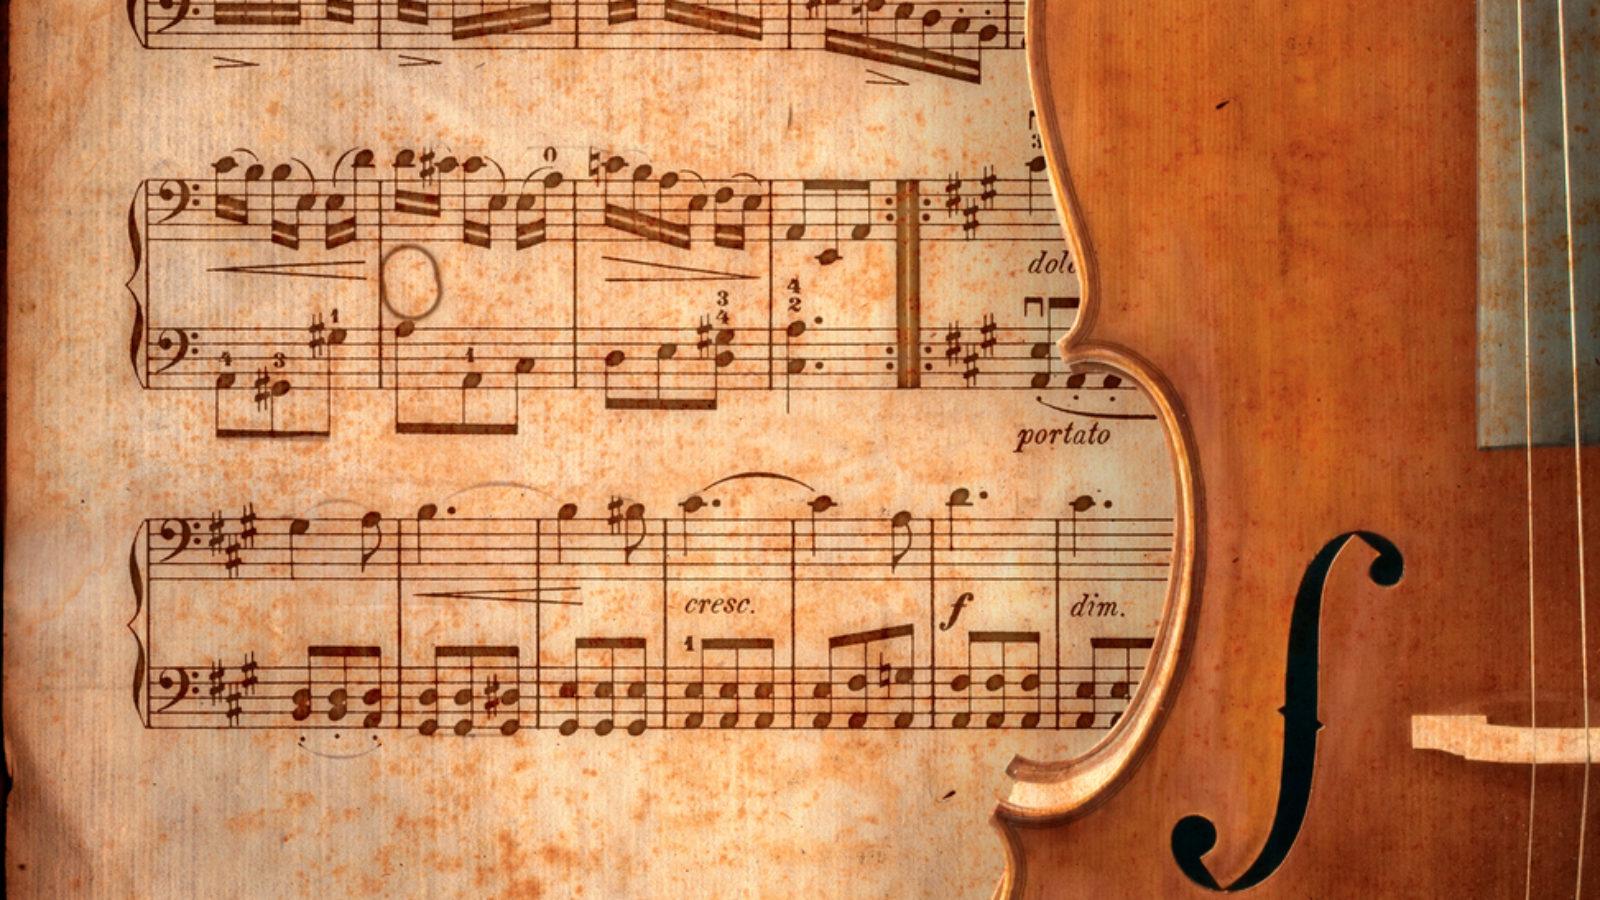 チェロアンサンブル曲の楽譜を探すならここ!無料でダウンロードできるサイトもご紹介♪